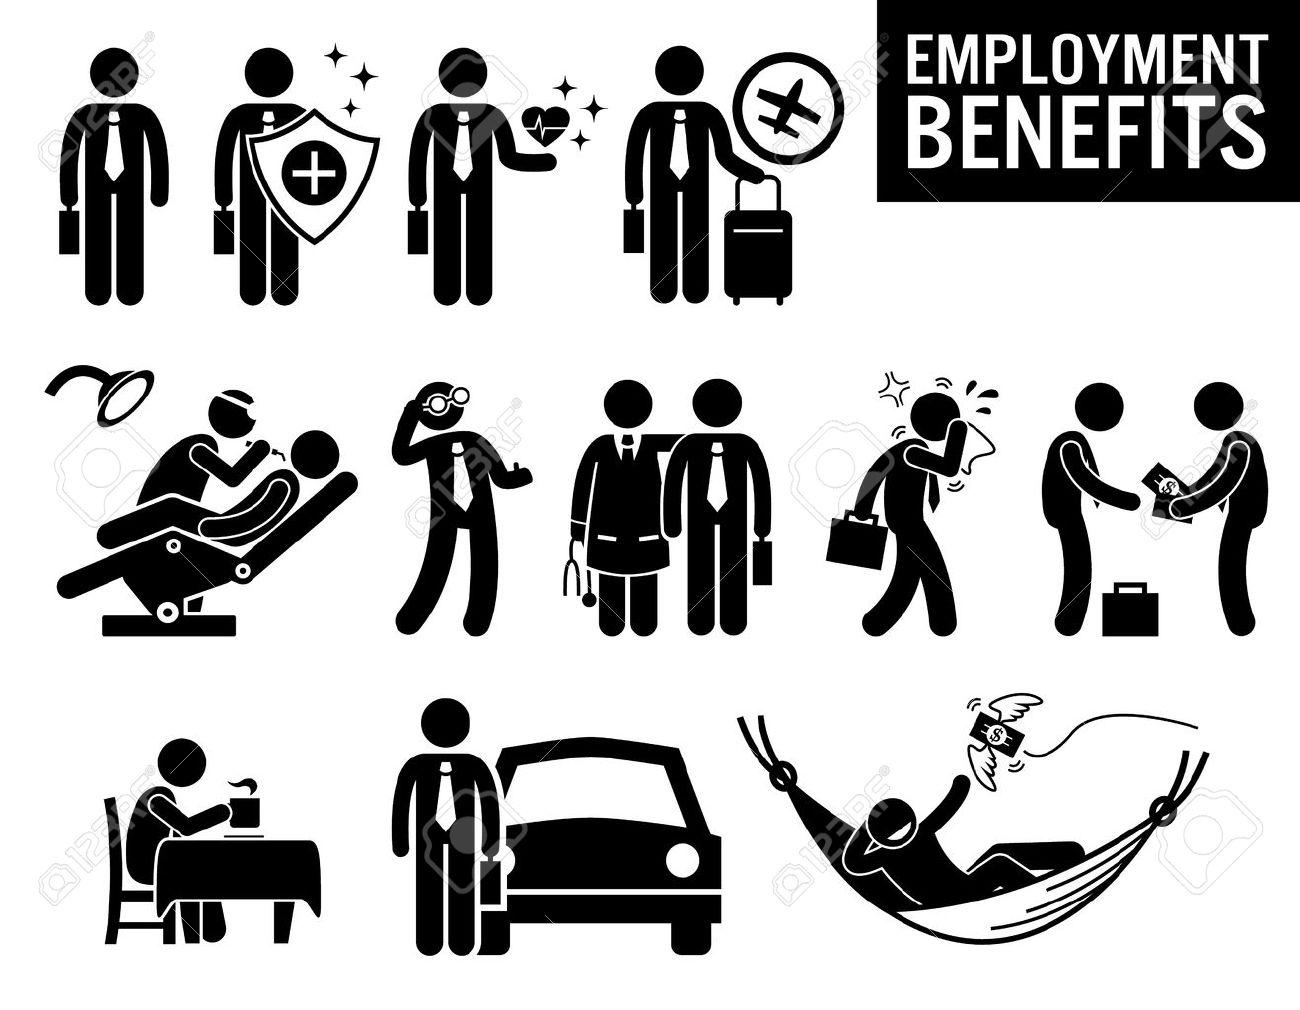 Arbeiter Beschäftigung Job Benefits Strichmännchen-Piktogramm Icons ...